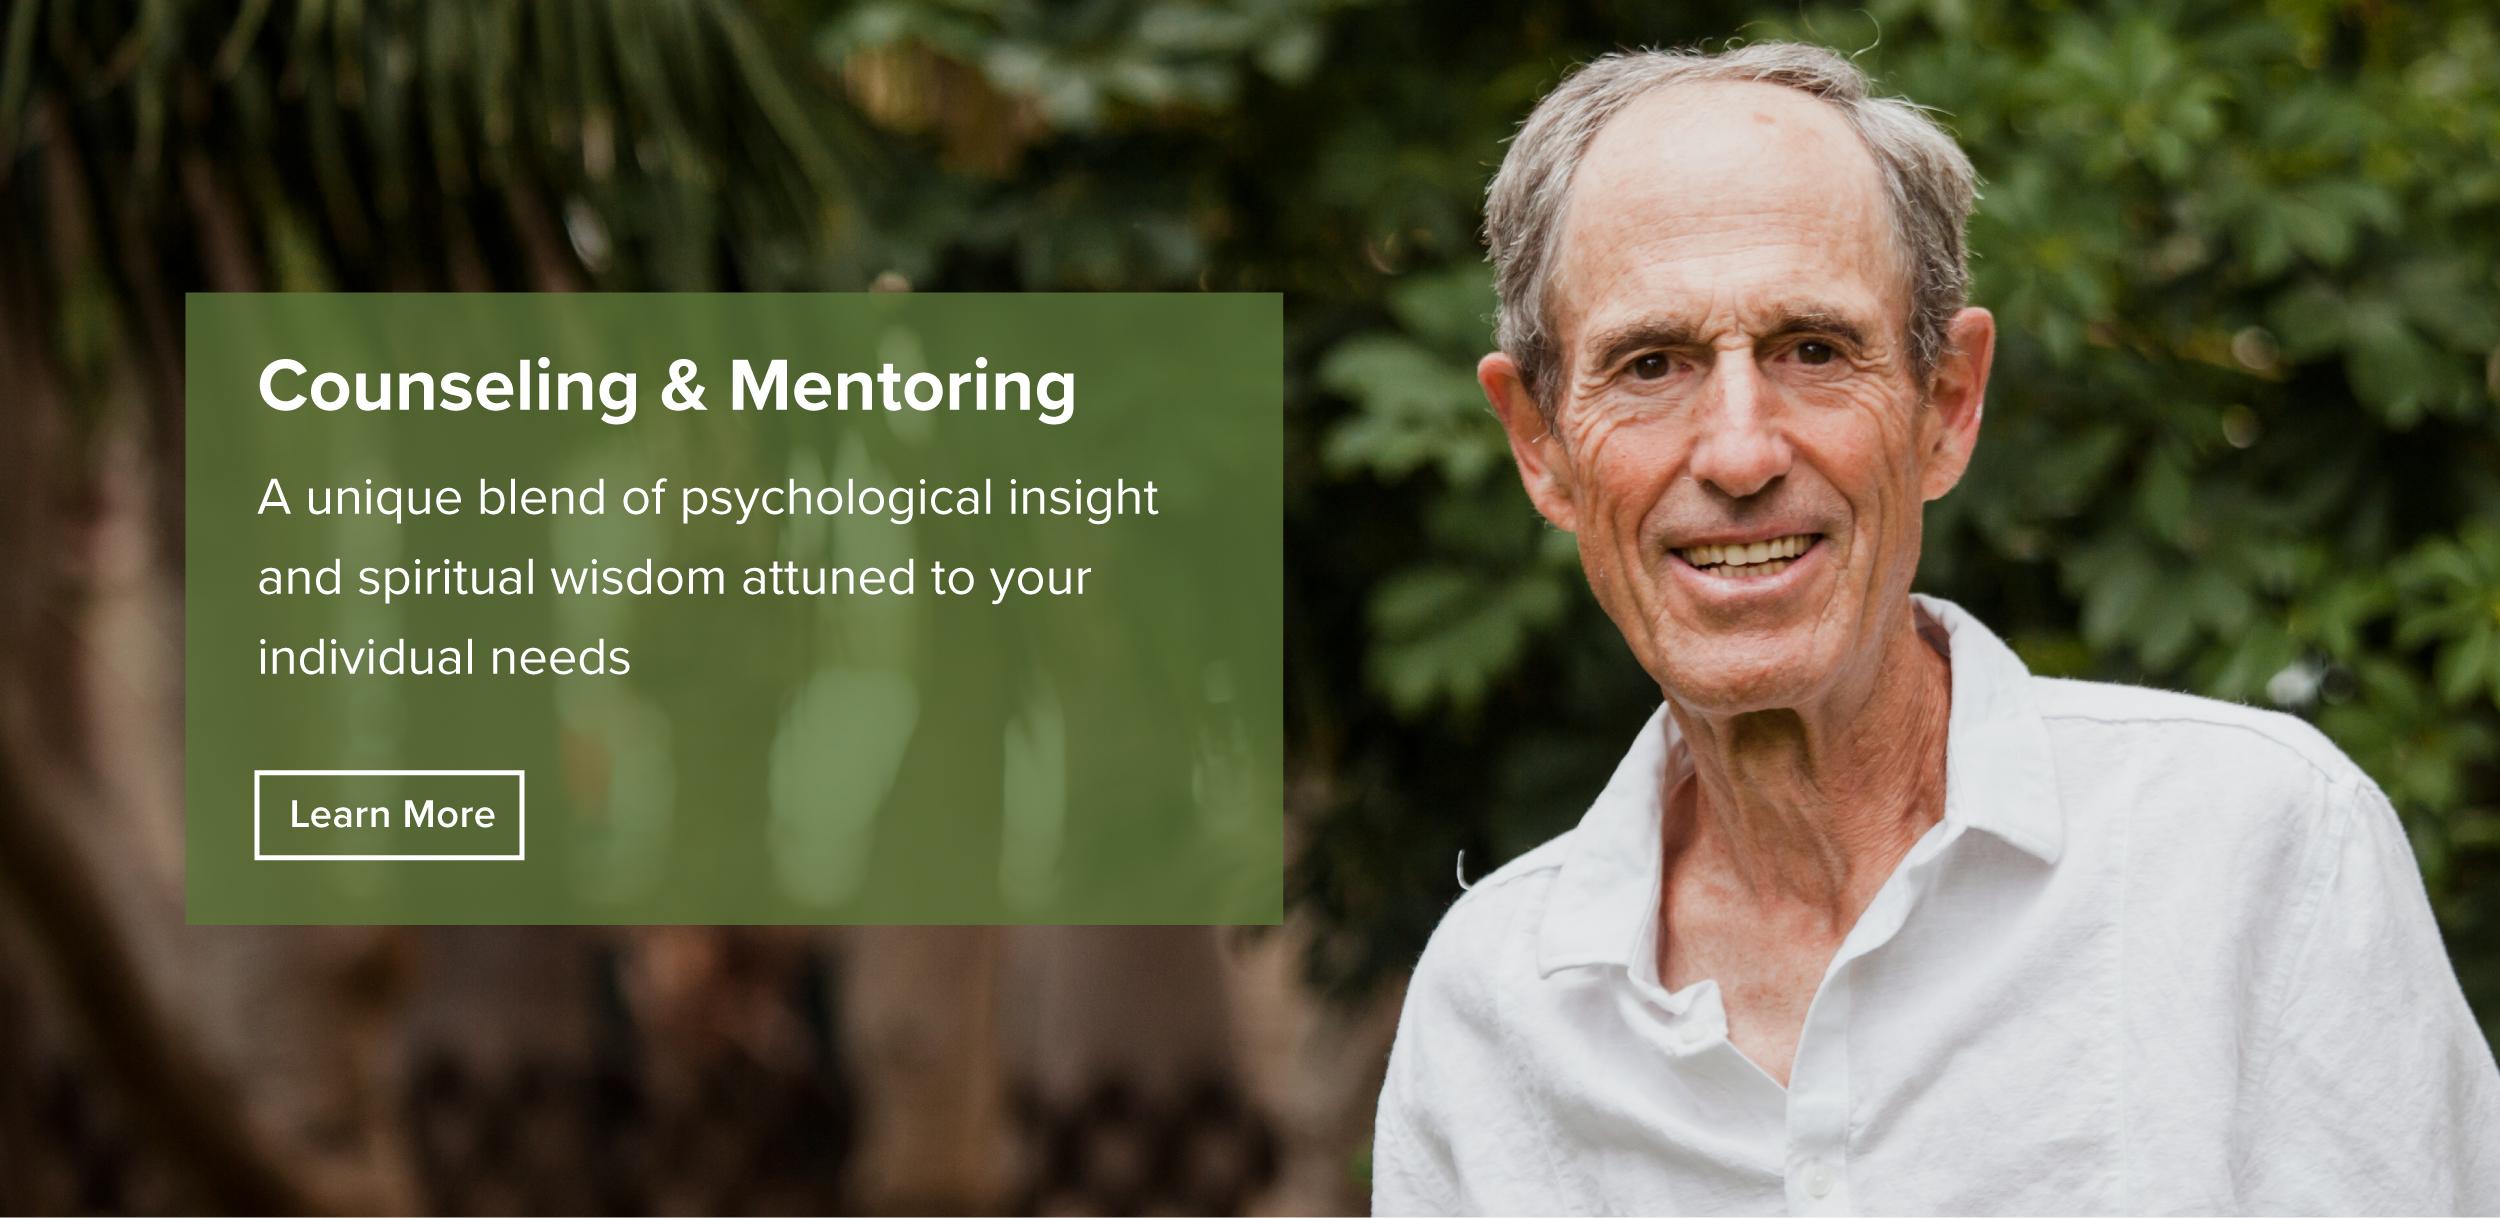 counseling-mentoring-slide.jpg